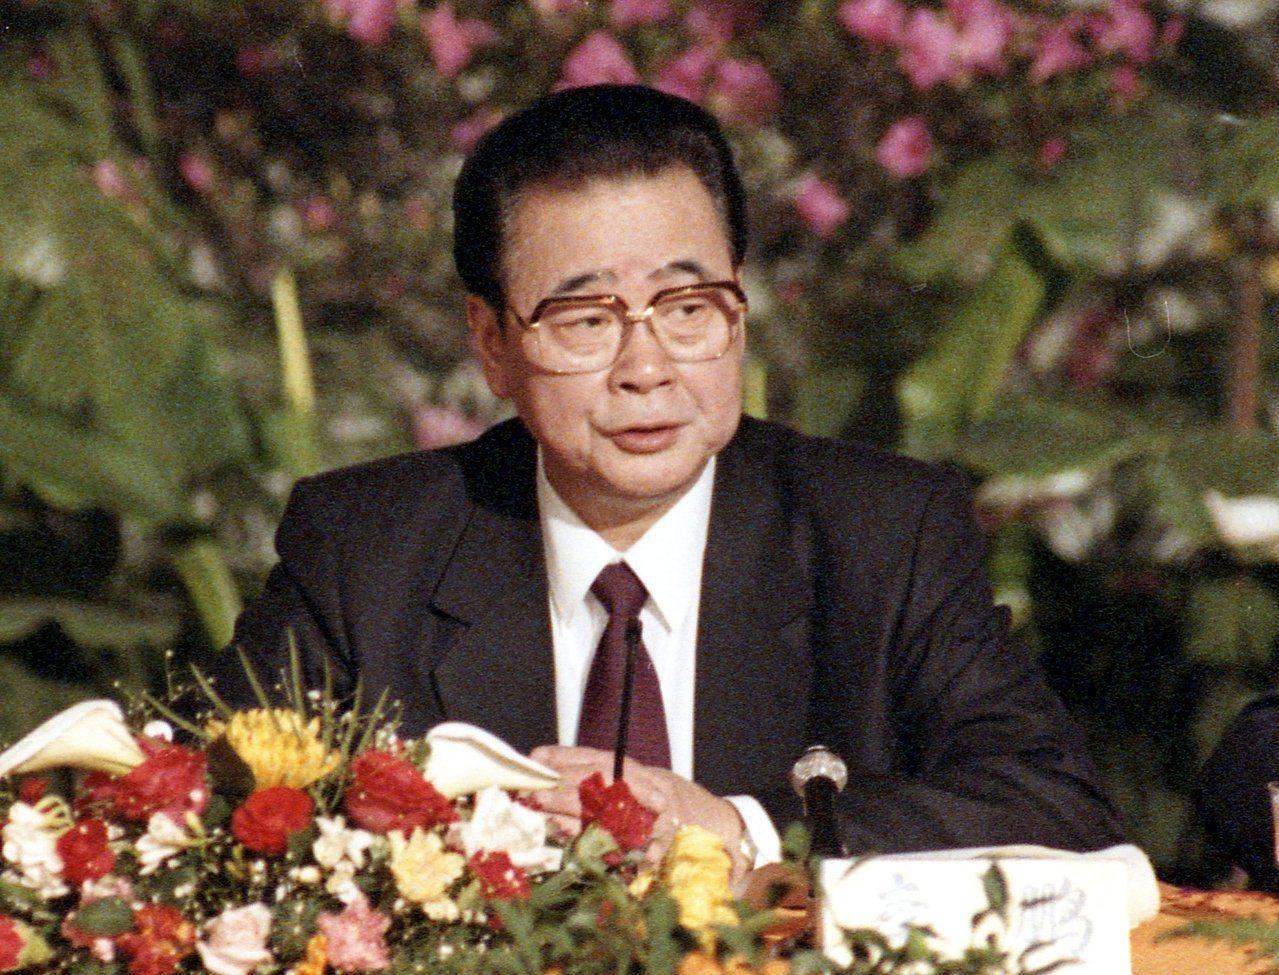 中共官媒新華社發布快訊,中共前總理李鵬逝世。圖/本報系資料照